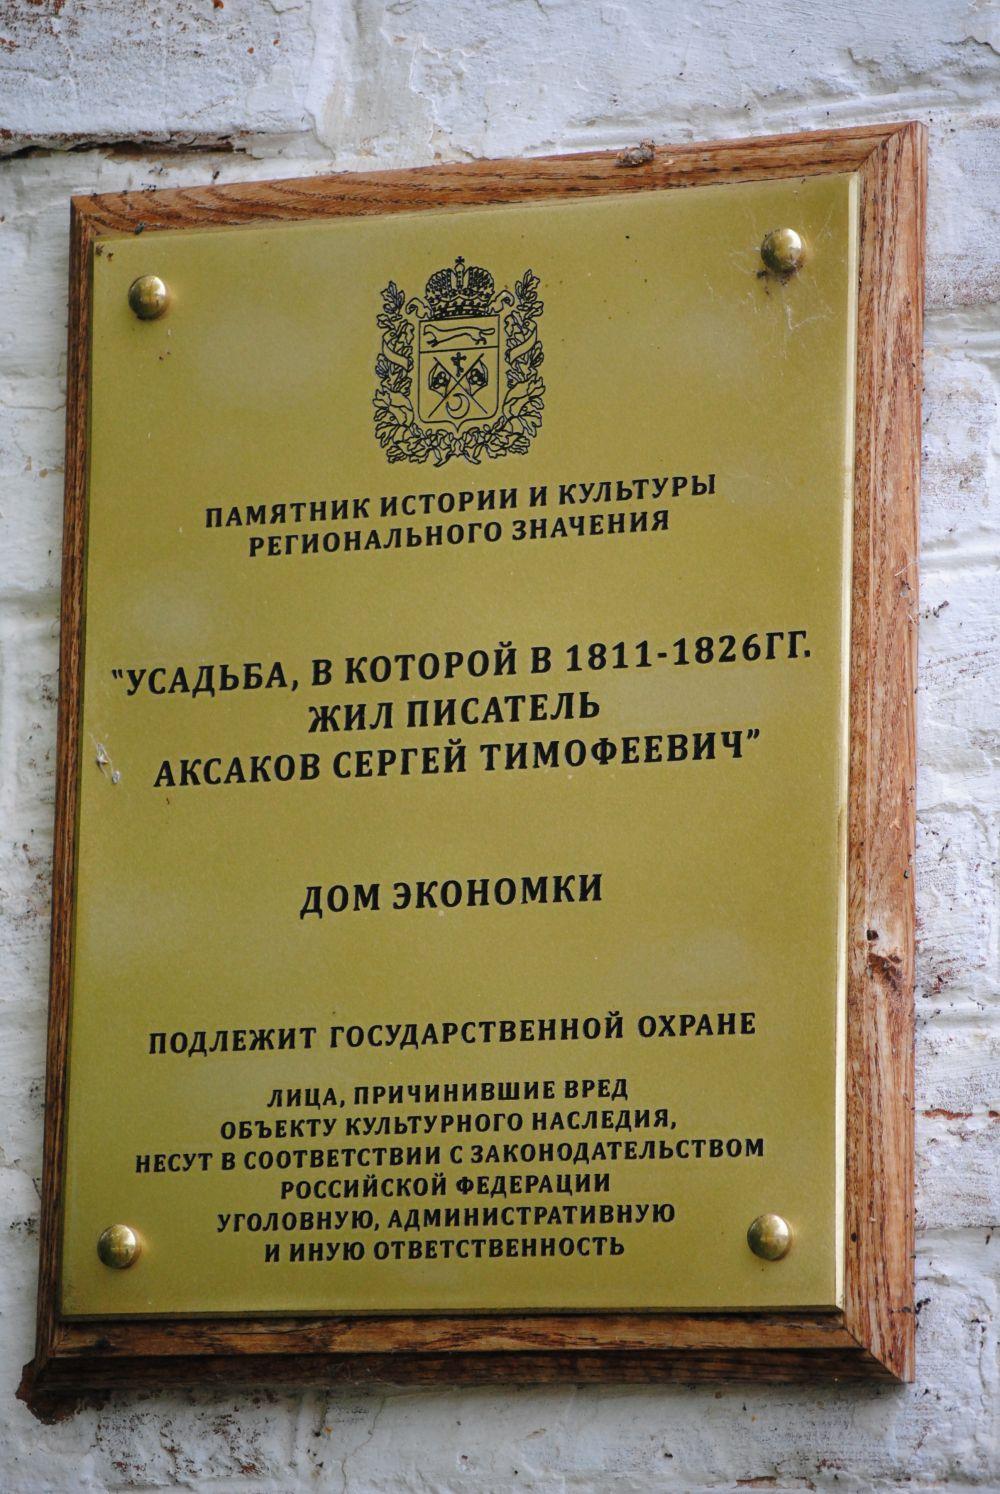 Табличка о сохранении памятника архитектуры висит на разрушающемся здании.